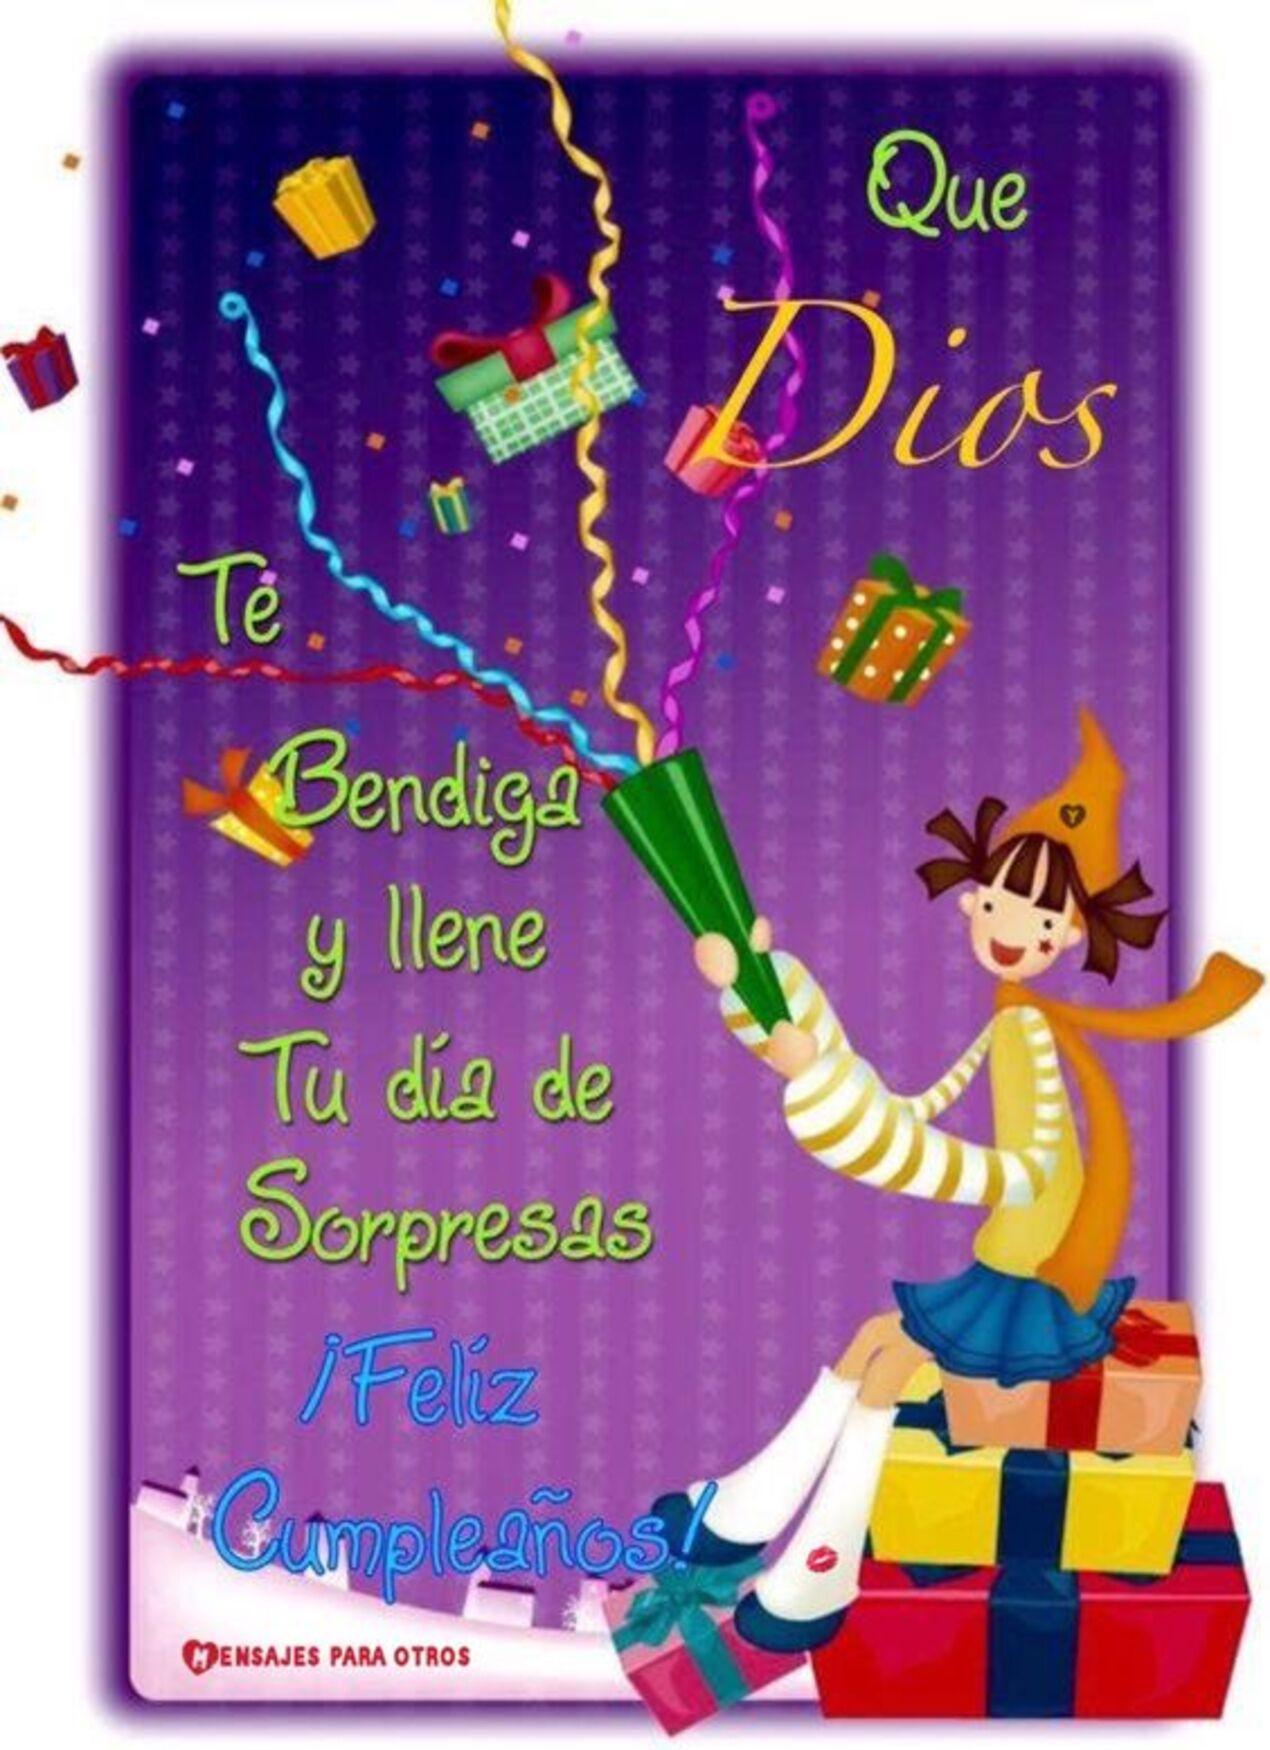 Que Dios te bendiga y llene tu día de sorpresas. Feliz cumpleaños!